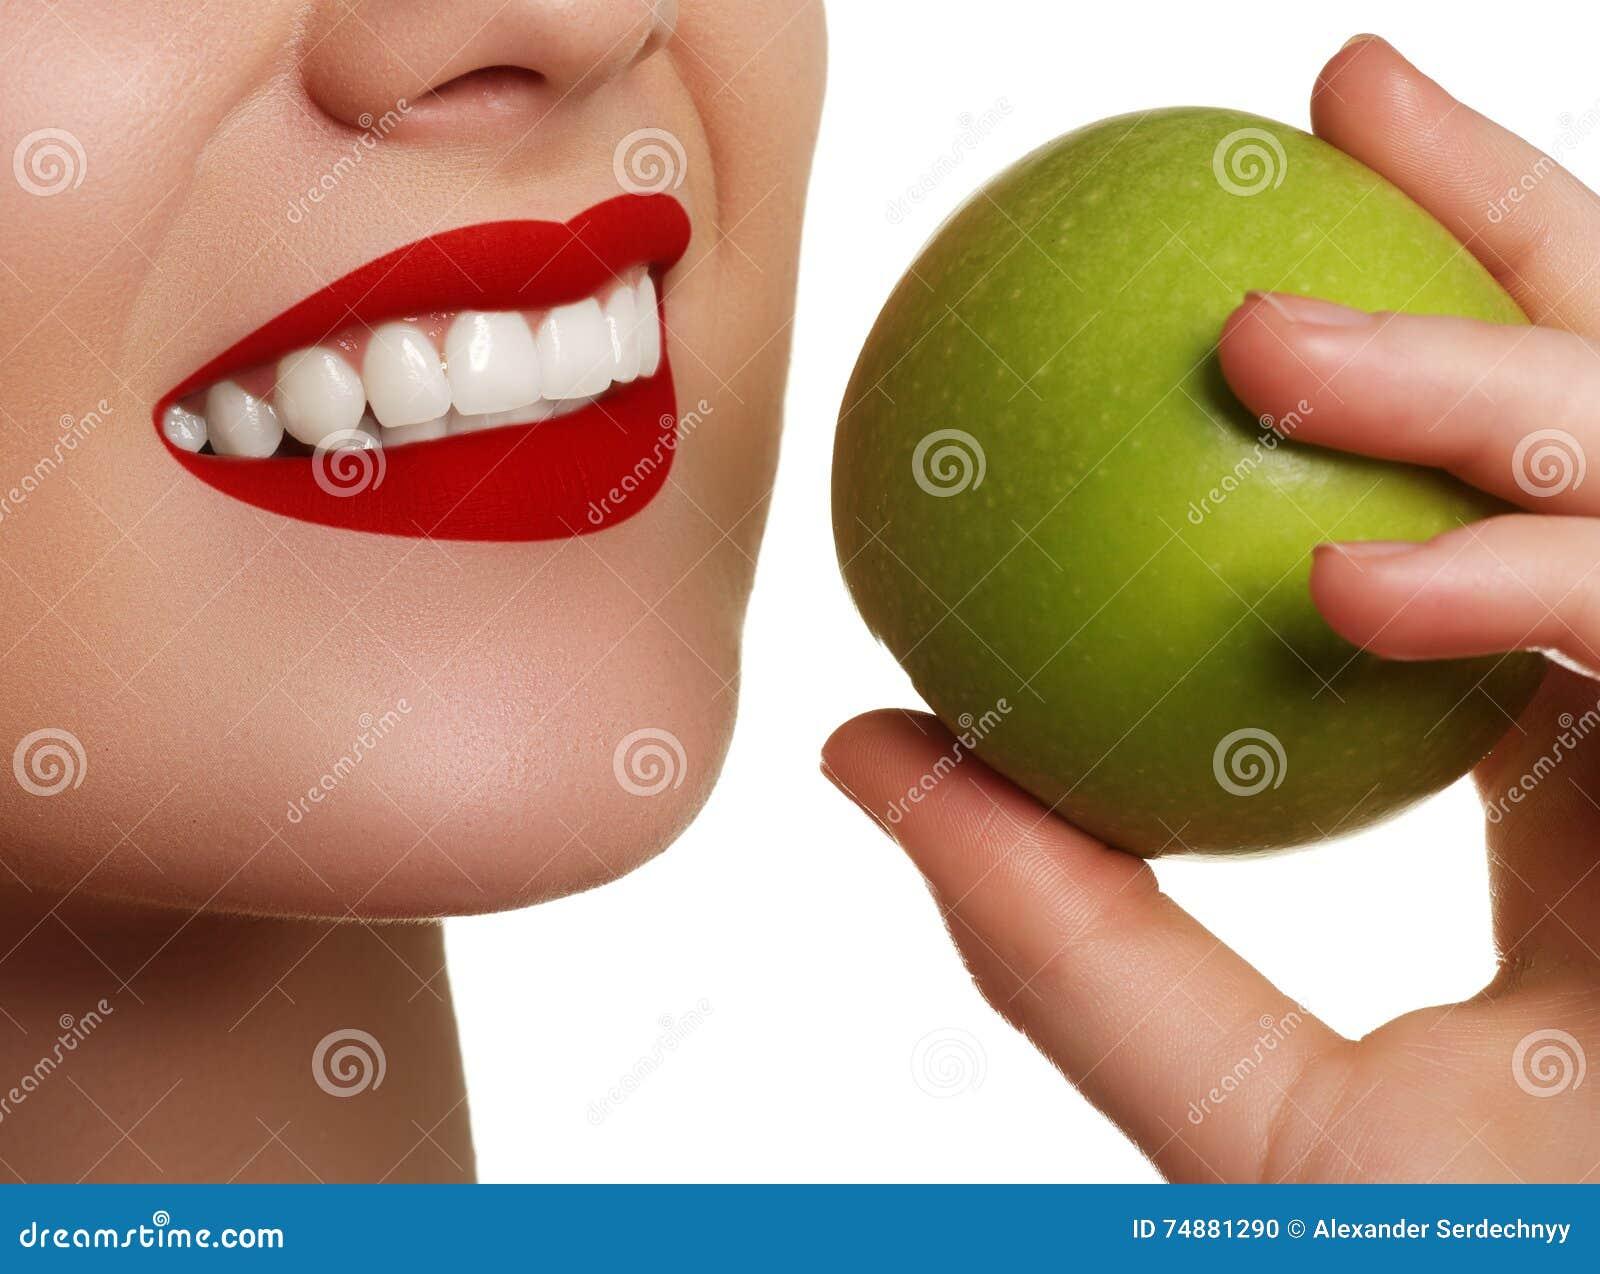 Κινηματογράφηση σε πρώτο πλάνο του προσώπου μιας γυναίκας που τρώει ένα πράσινο μήλο, απομονωμένος άργυρος